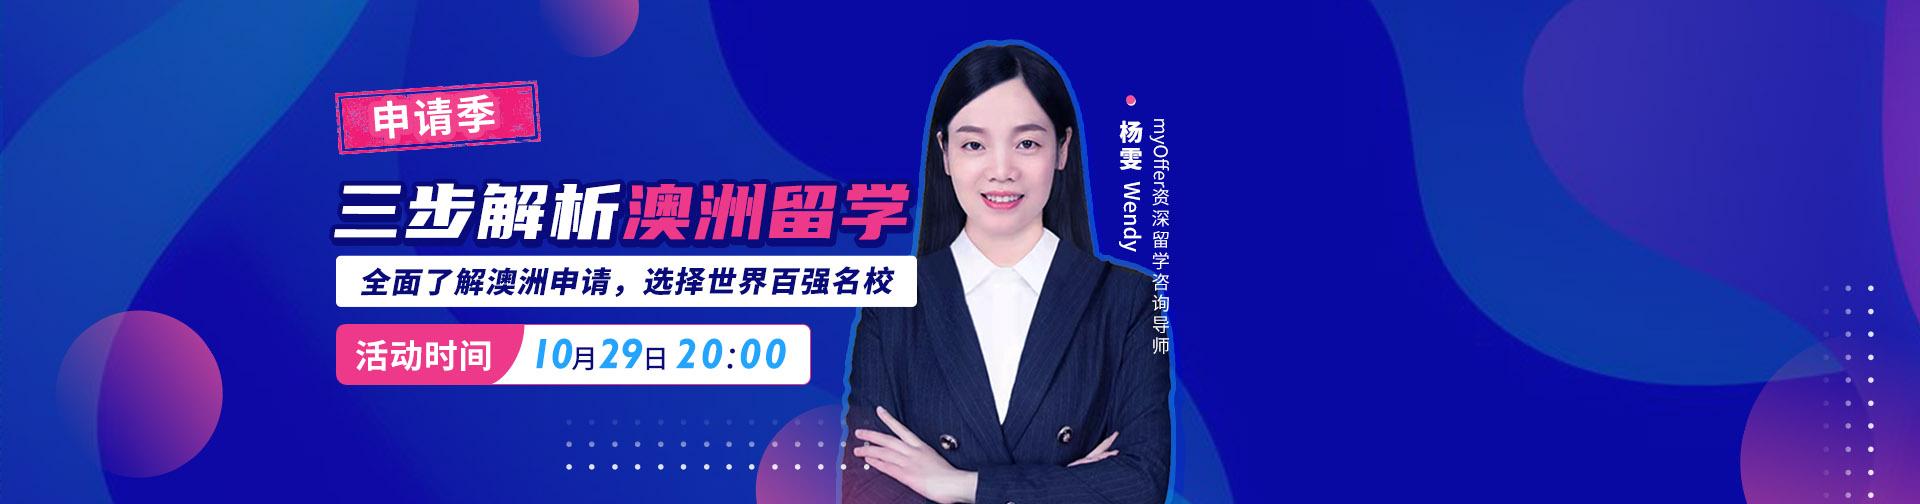 http://myoffer-public.oss-cn-shenzhen.aliyuncs.com/banners/846be421c425b82b9de767716e0d2bbf-159099-1920x504.jpg